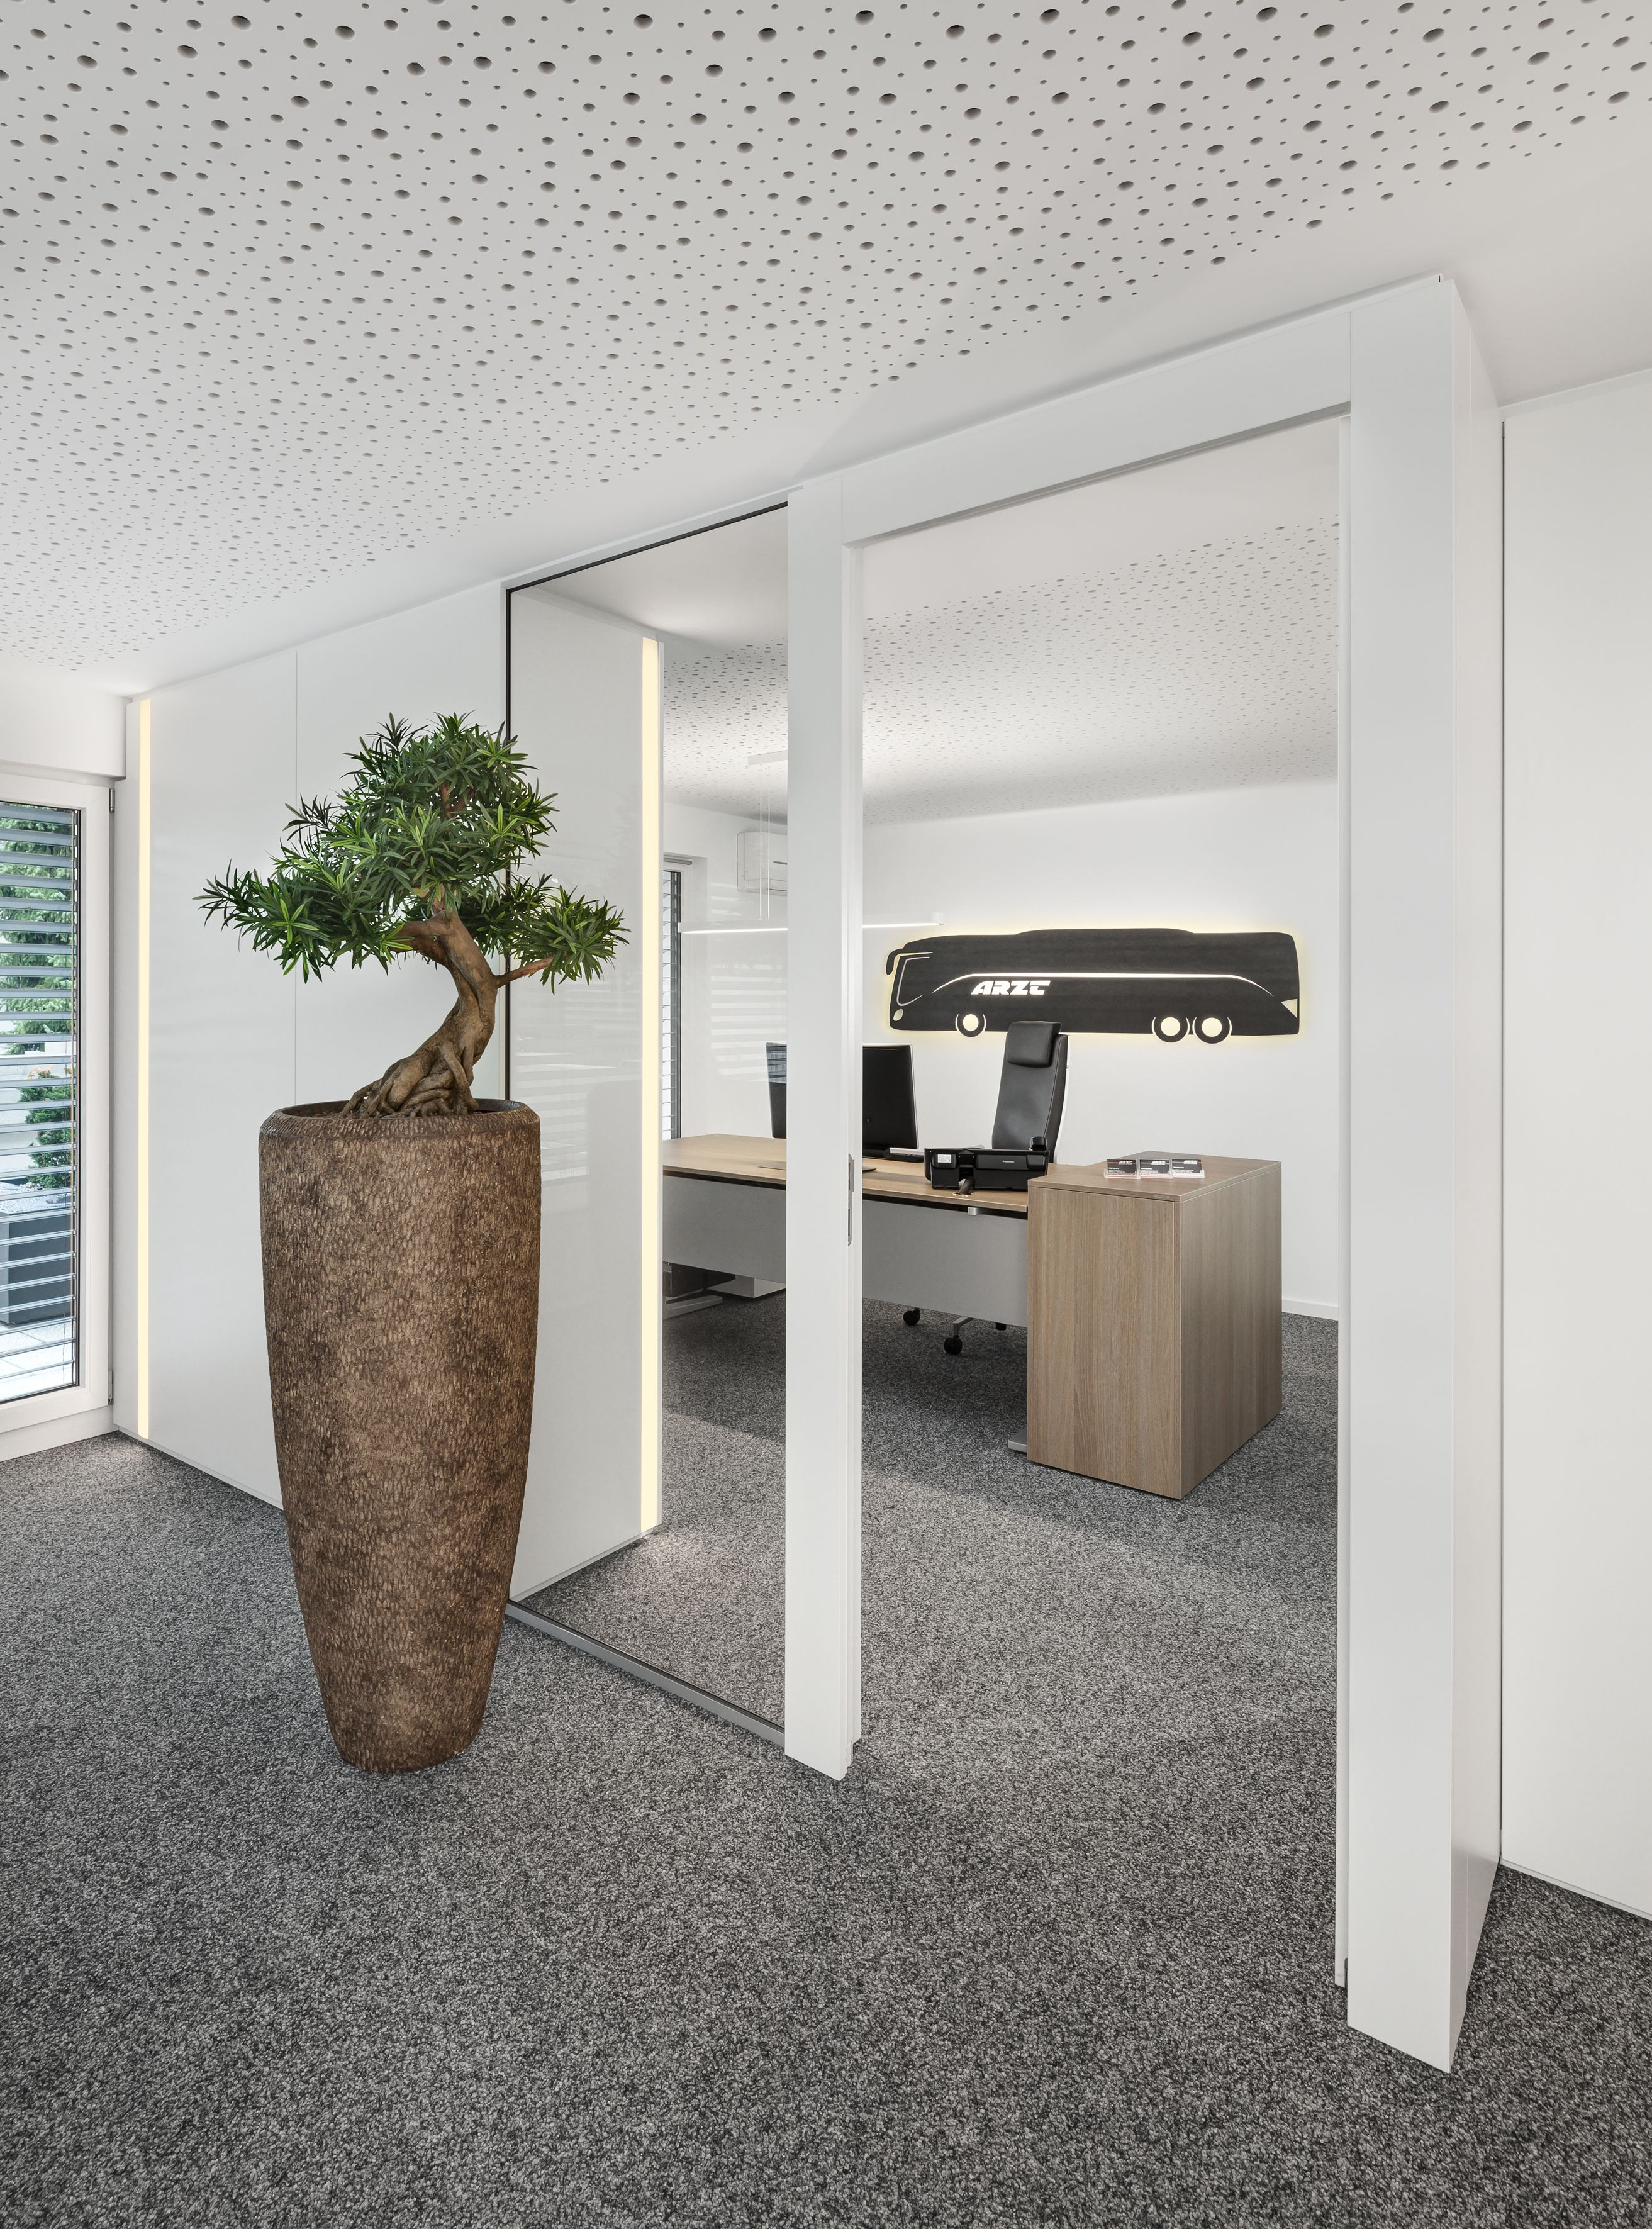 Eckschreibtisch glas  Büroaccessoires, Vase, Akustikdecke, Glas, Schreibtisch, Holz ...